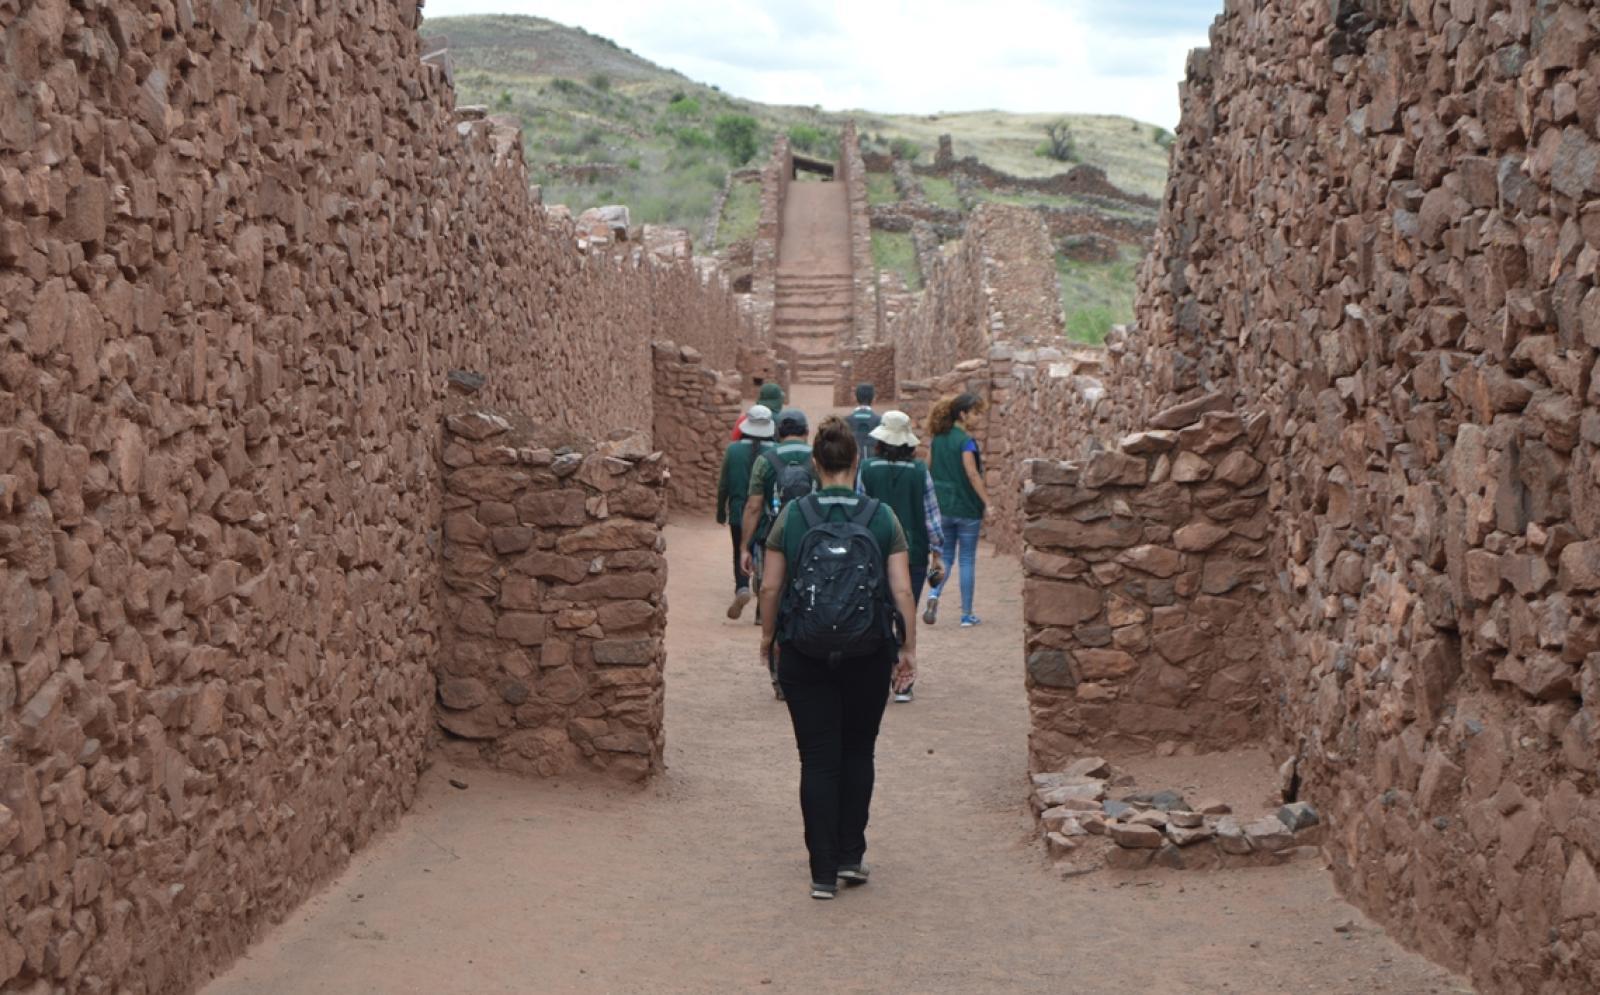 貴重な歴史が眠る遺跡発掘現場を行く考古学ボランティアたち